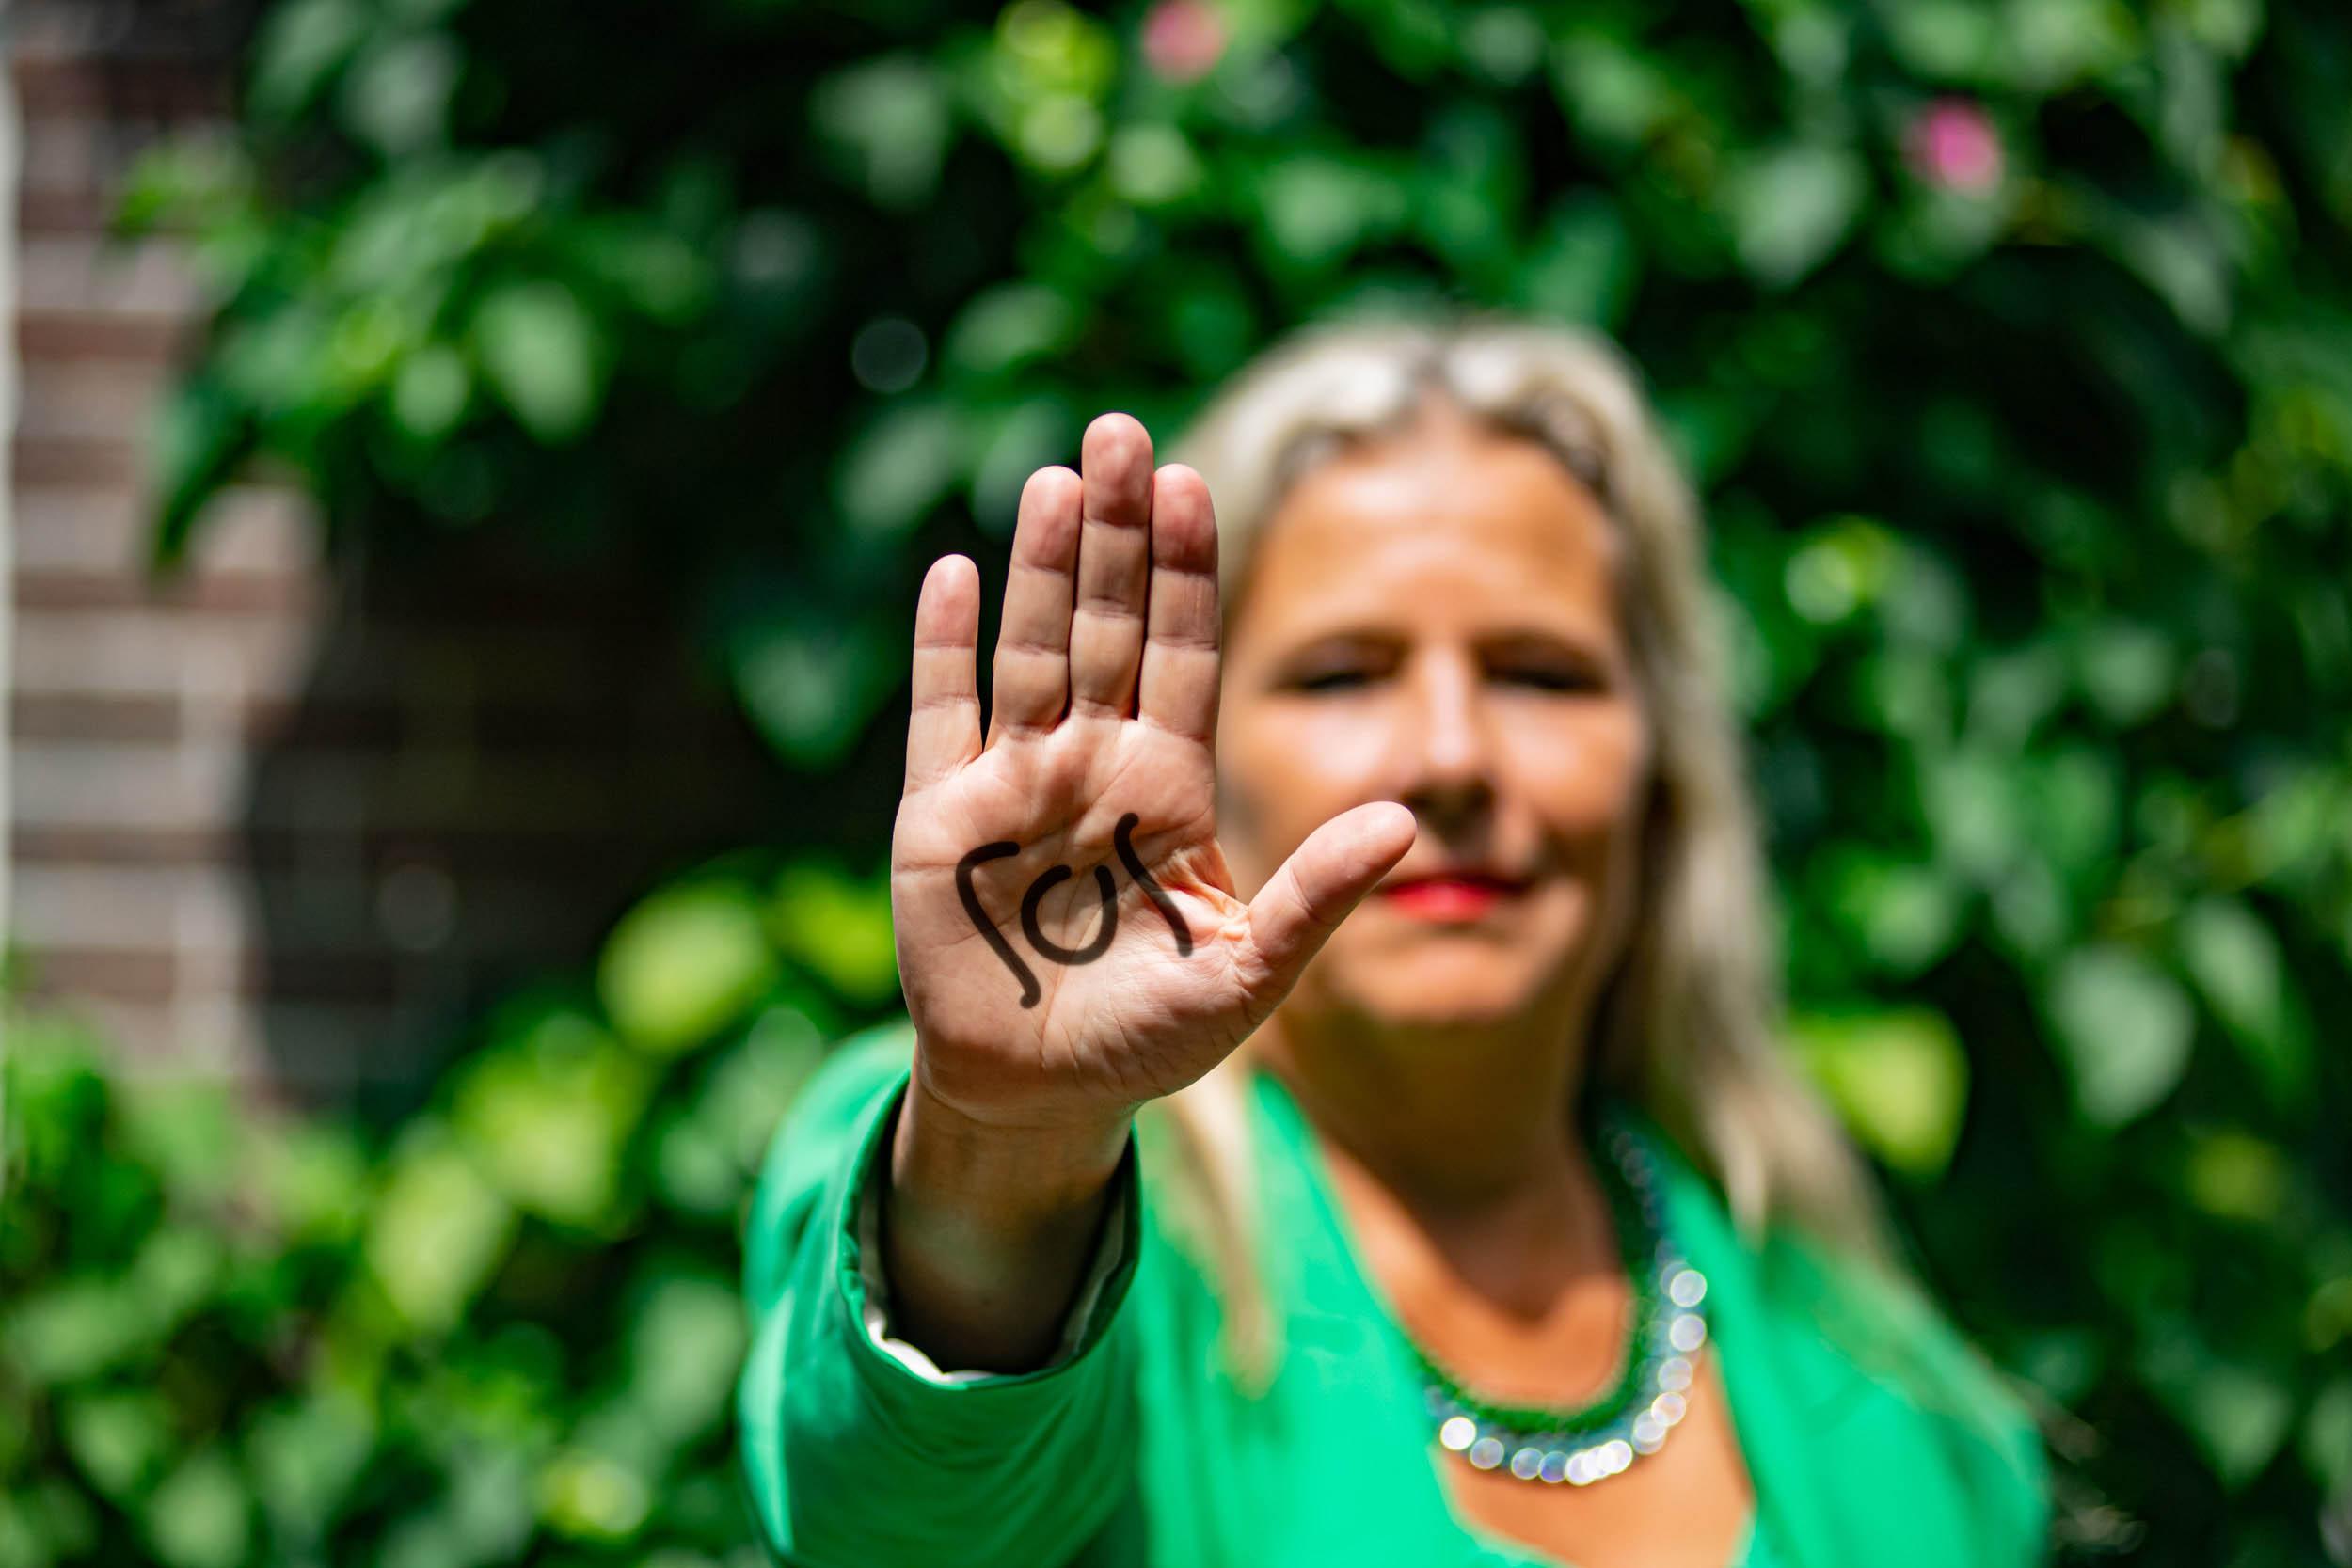 Samen zeggen we 'STOP!' tegen de tabaksindustrie